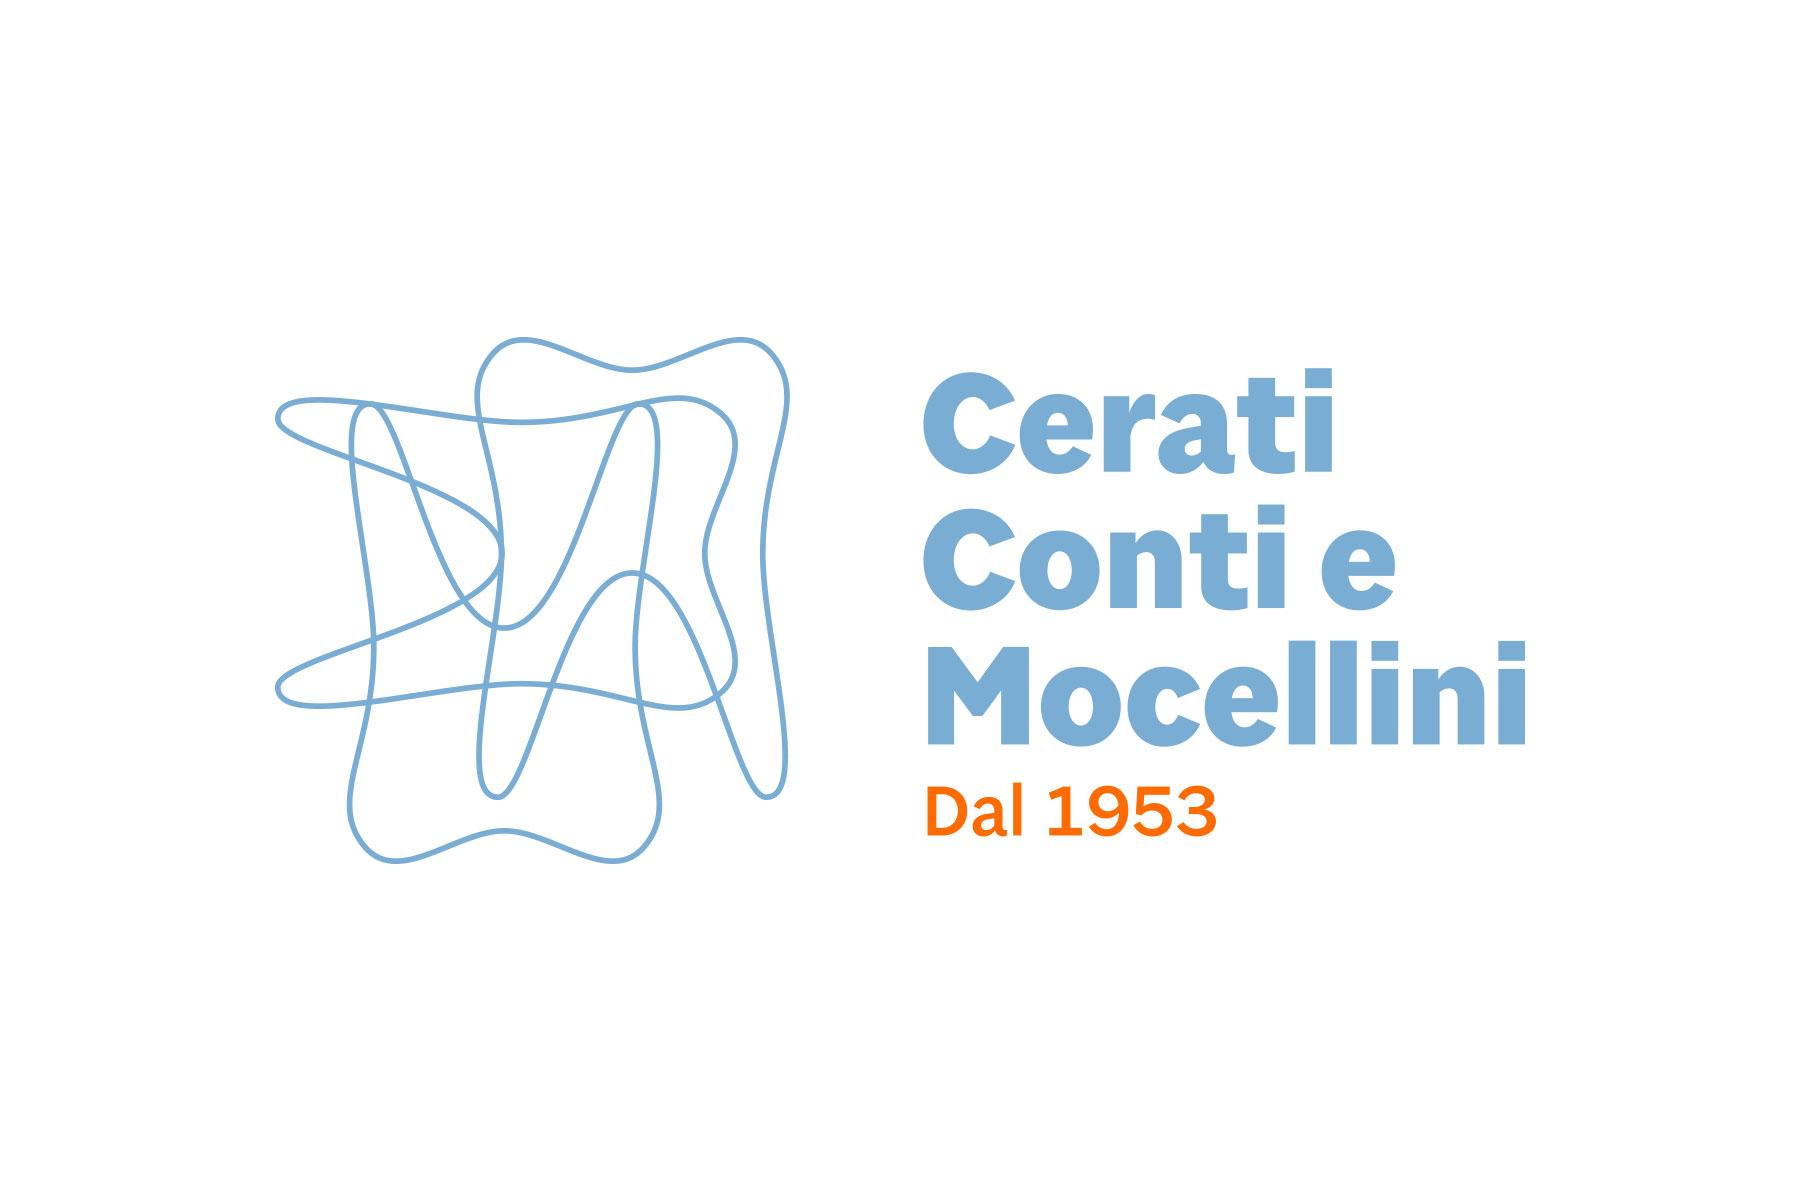 Logo dello studio Cerati Conti e Mocellini